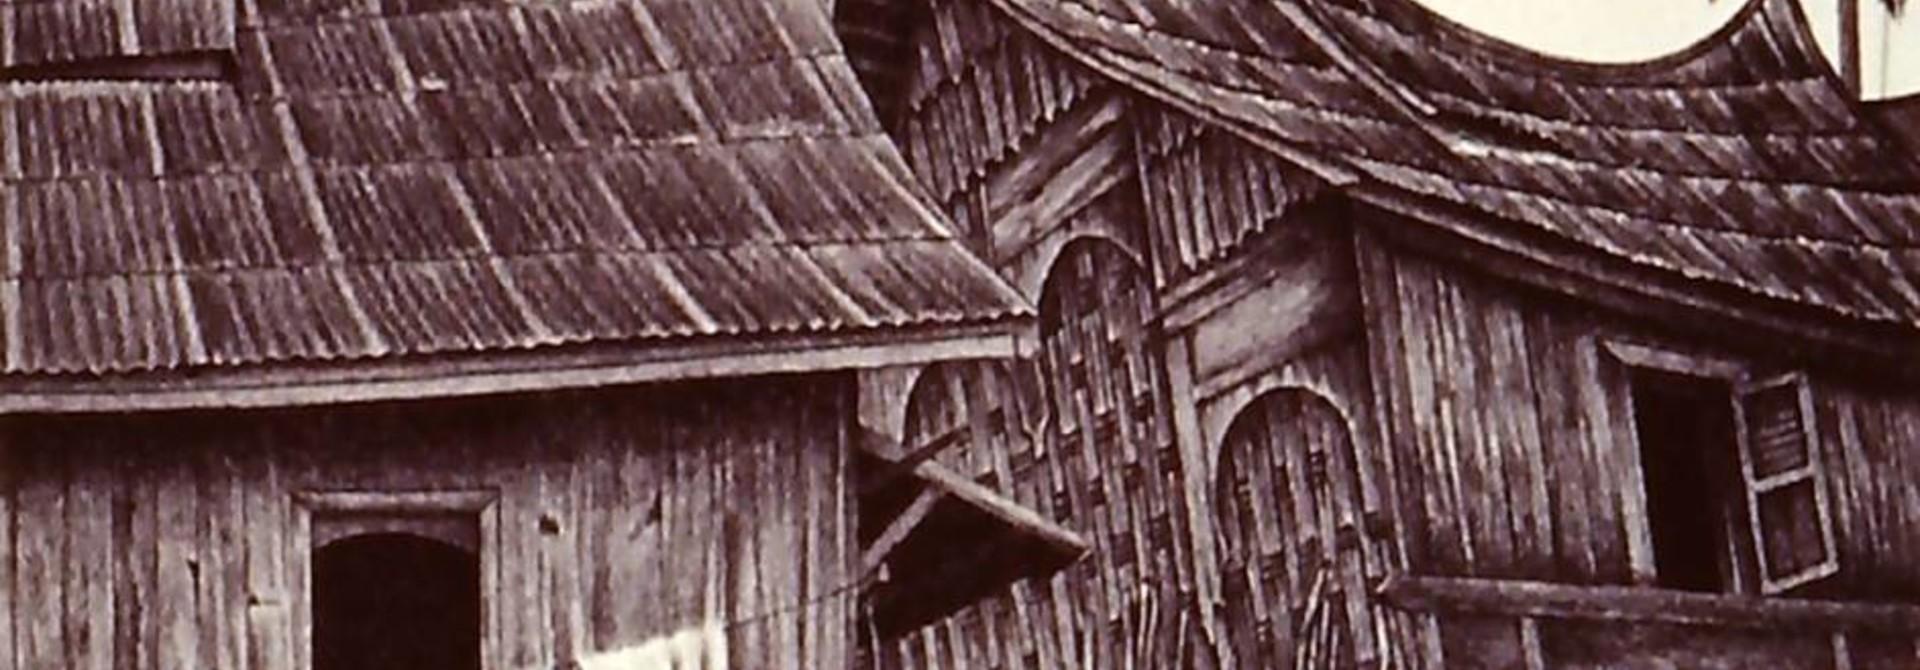 Balimbing - Sumatera Barat